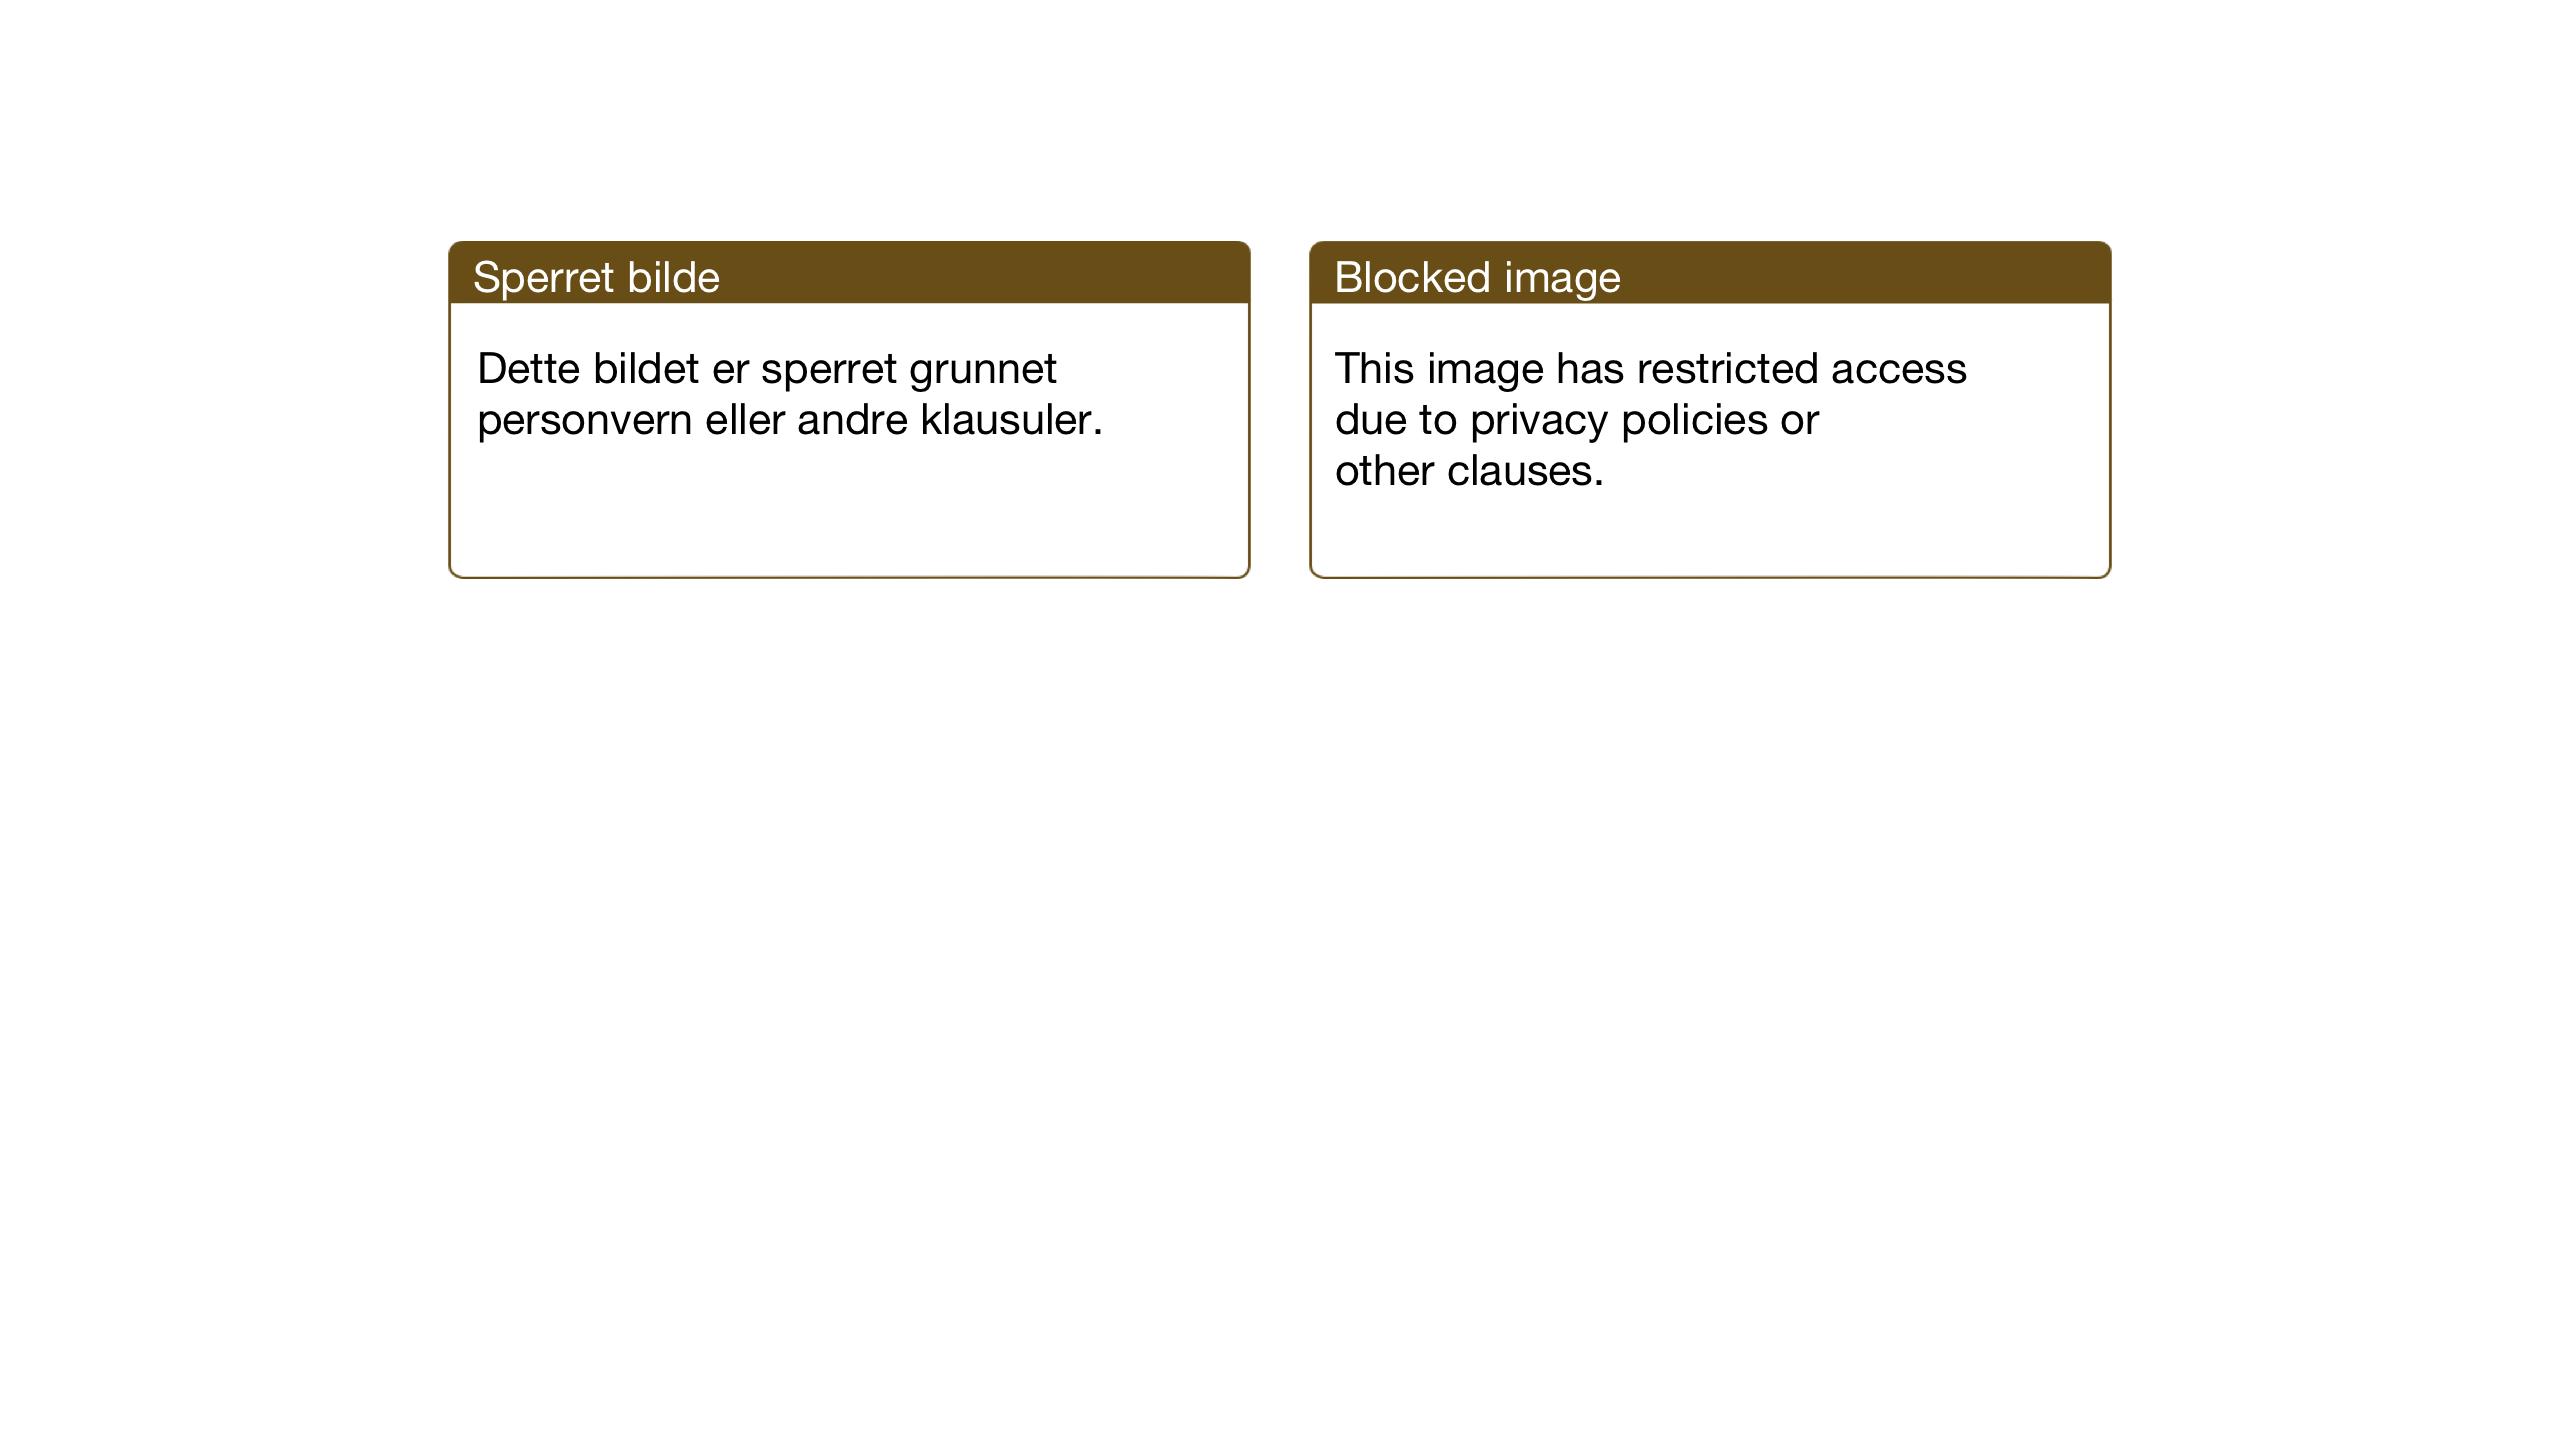 SAT, Ministerialprotokoller, klokkerbøker og fødselsregistre - Sør-Trøndelag, 655/L0690: Klokkerbok nr. 655C06, 1937-1950, s. 151